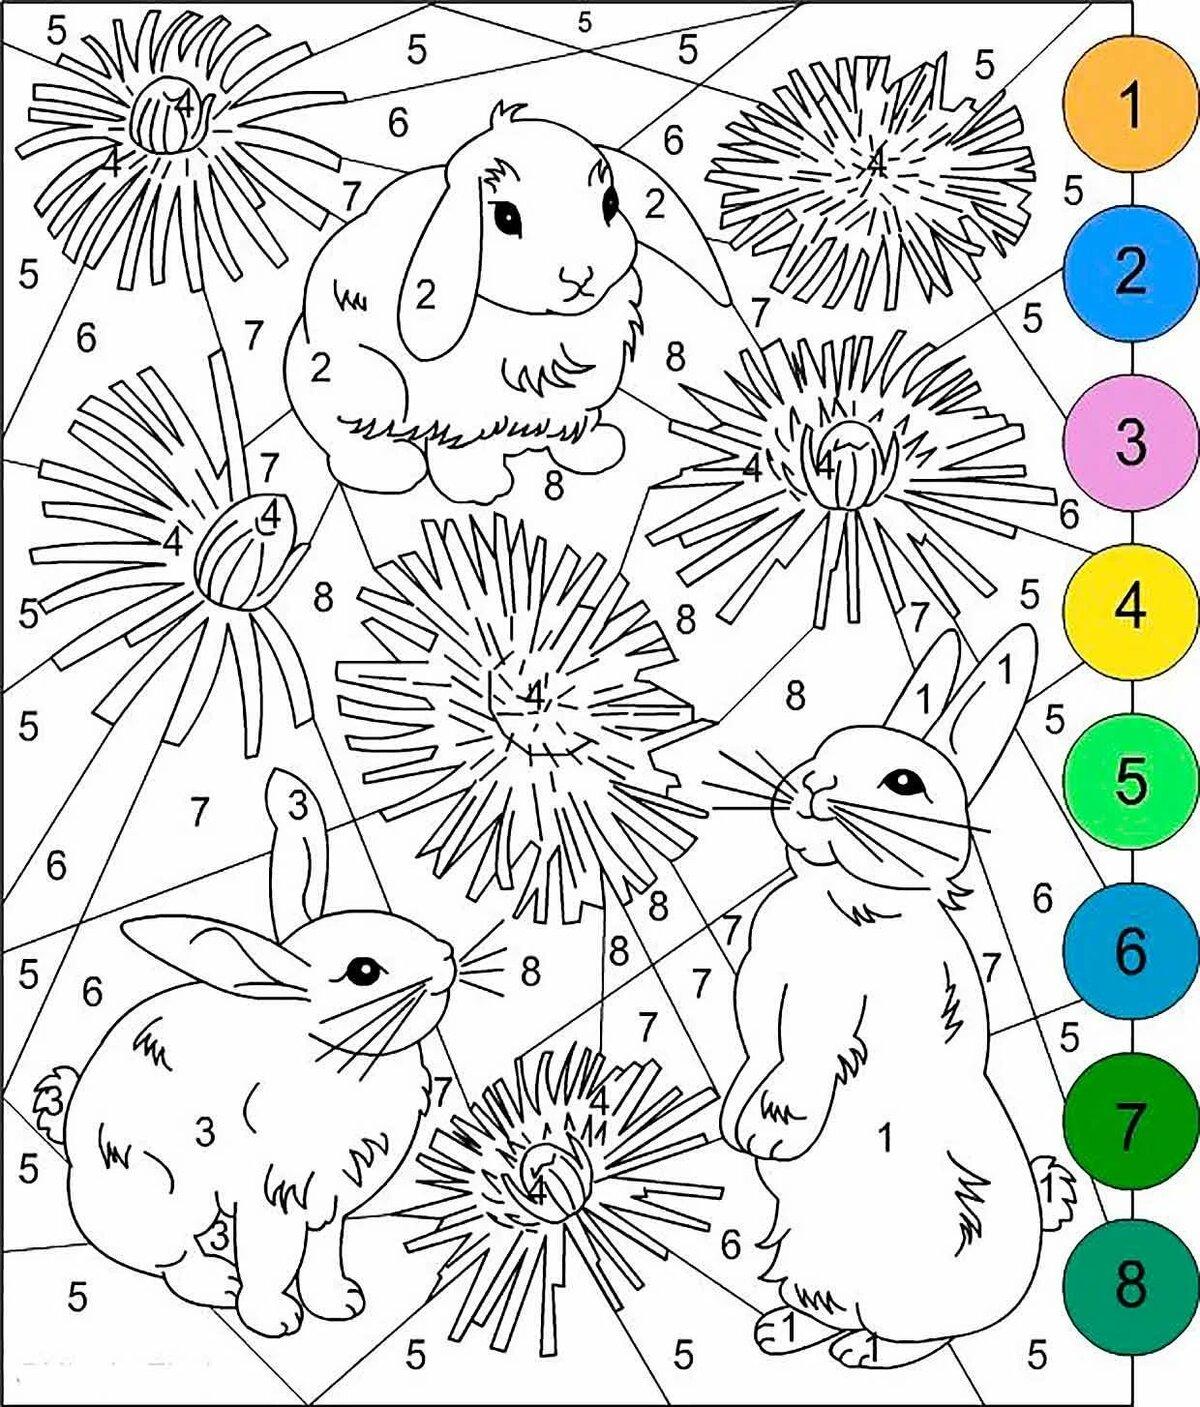 Как рисовать по клеточкам: красивые картинки быстро и легко